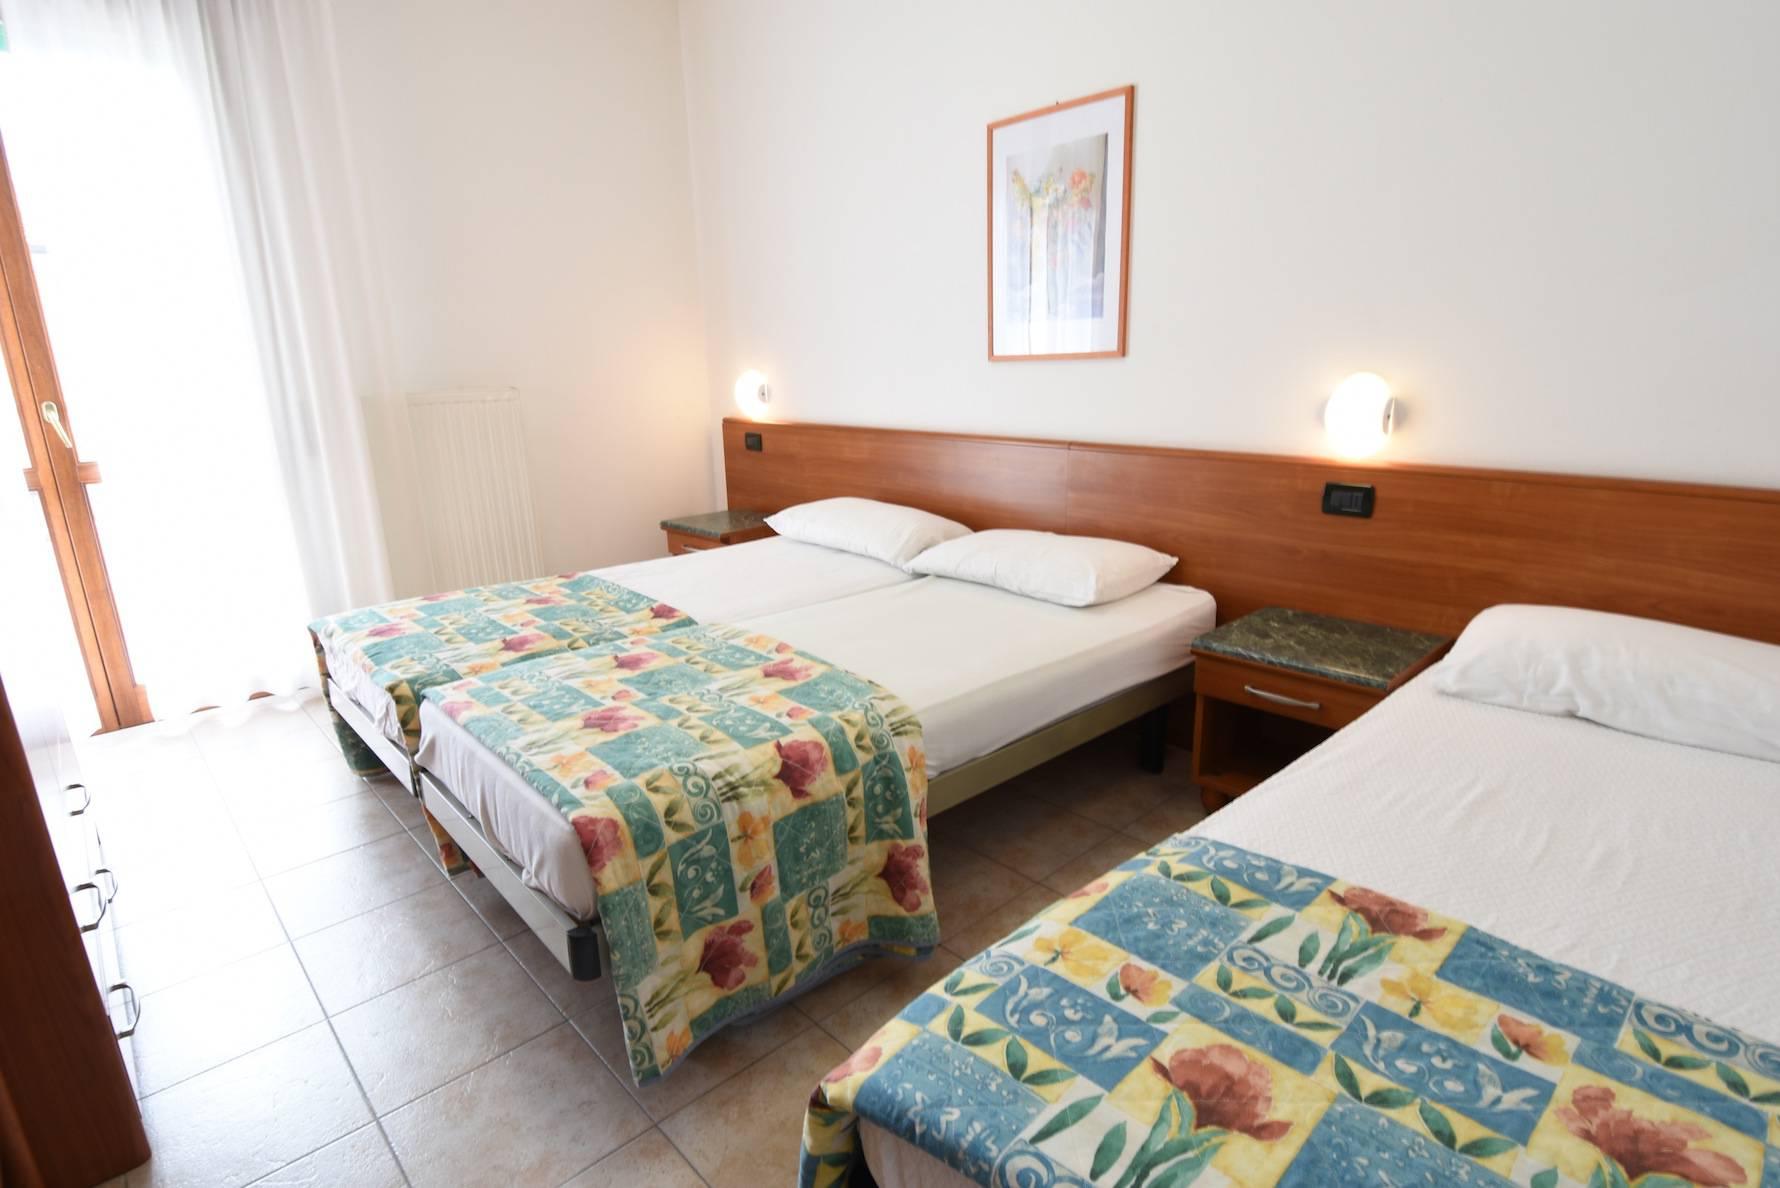 camera-da-letto-appartamento-bilocale-jesolo-28767916